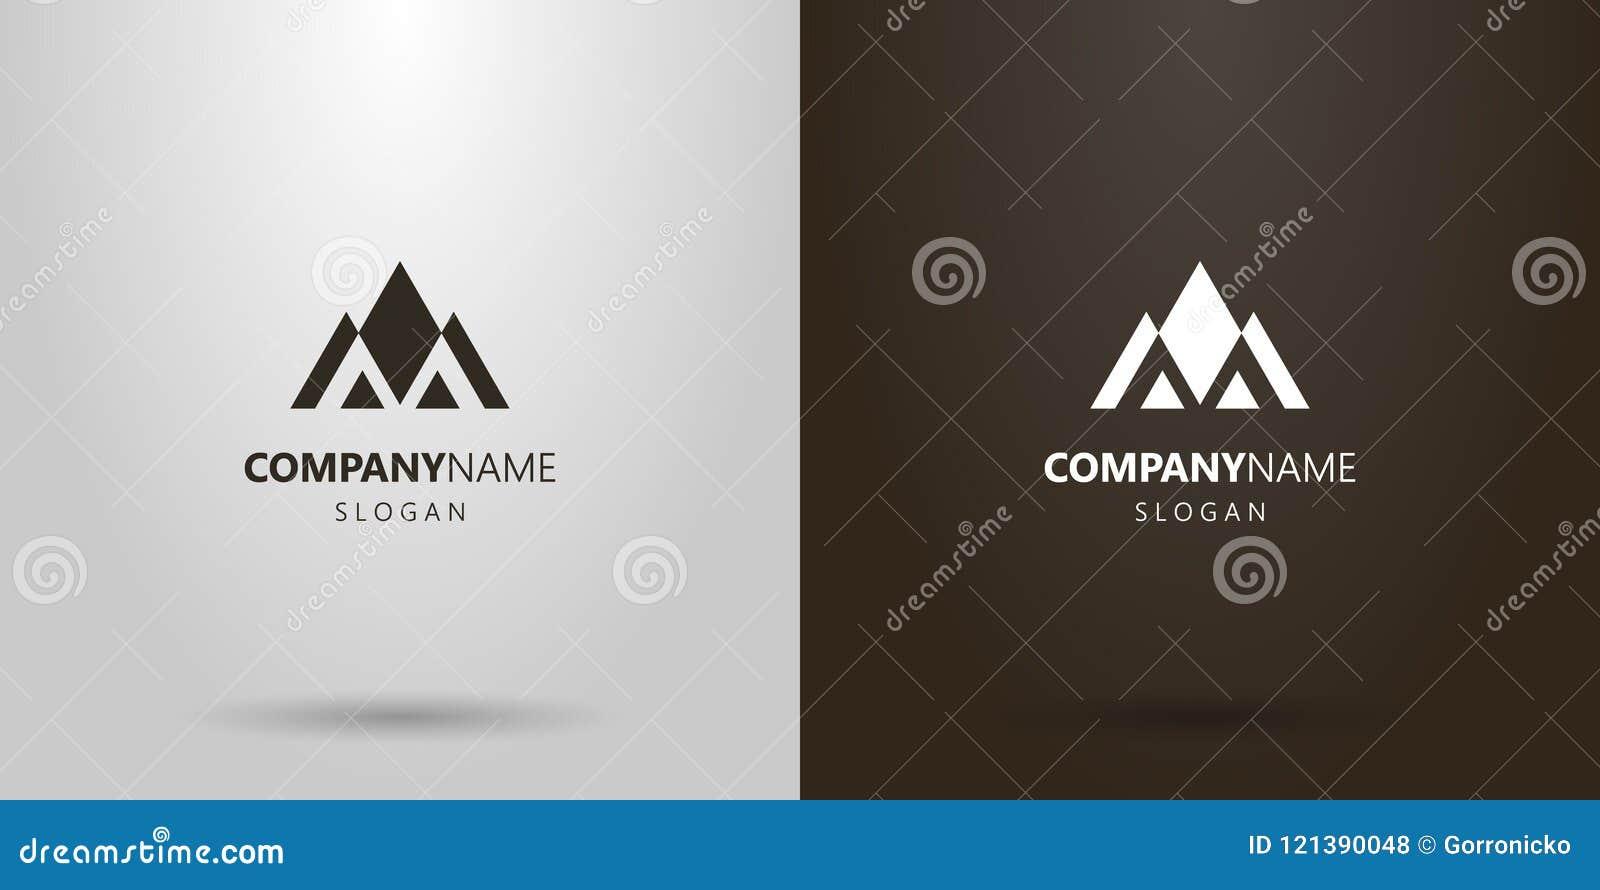 Logotipo geométrico do vetor simples de uma paisagem da montanha de figuras triangulares